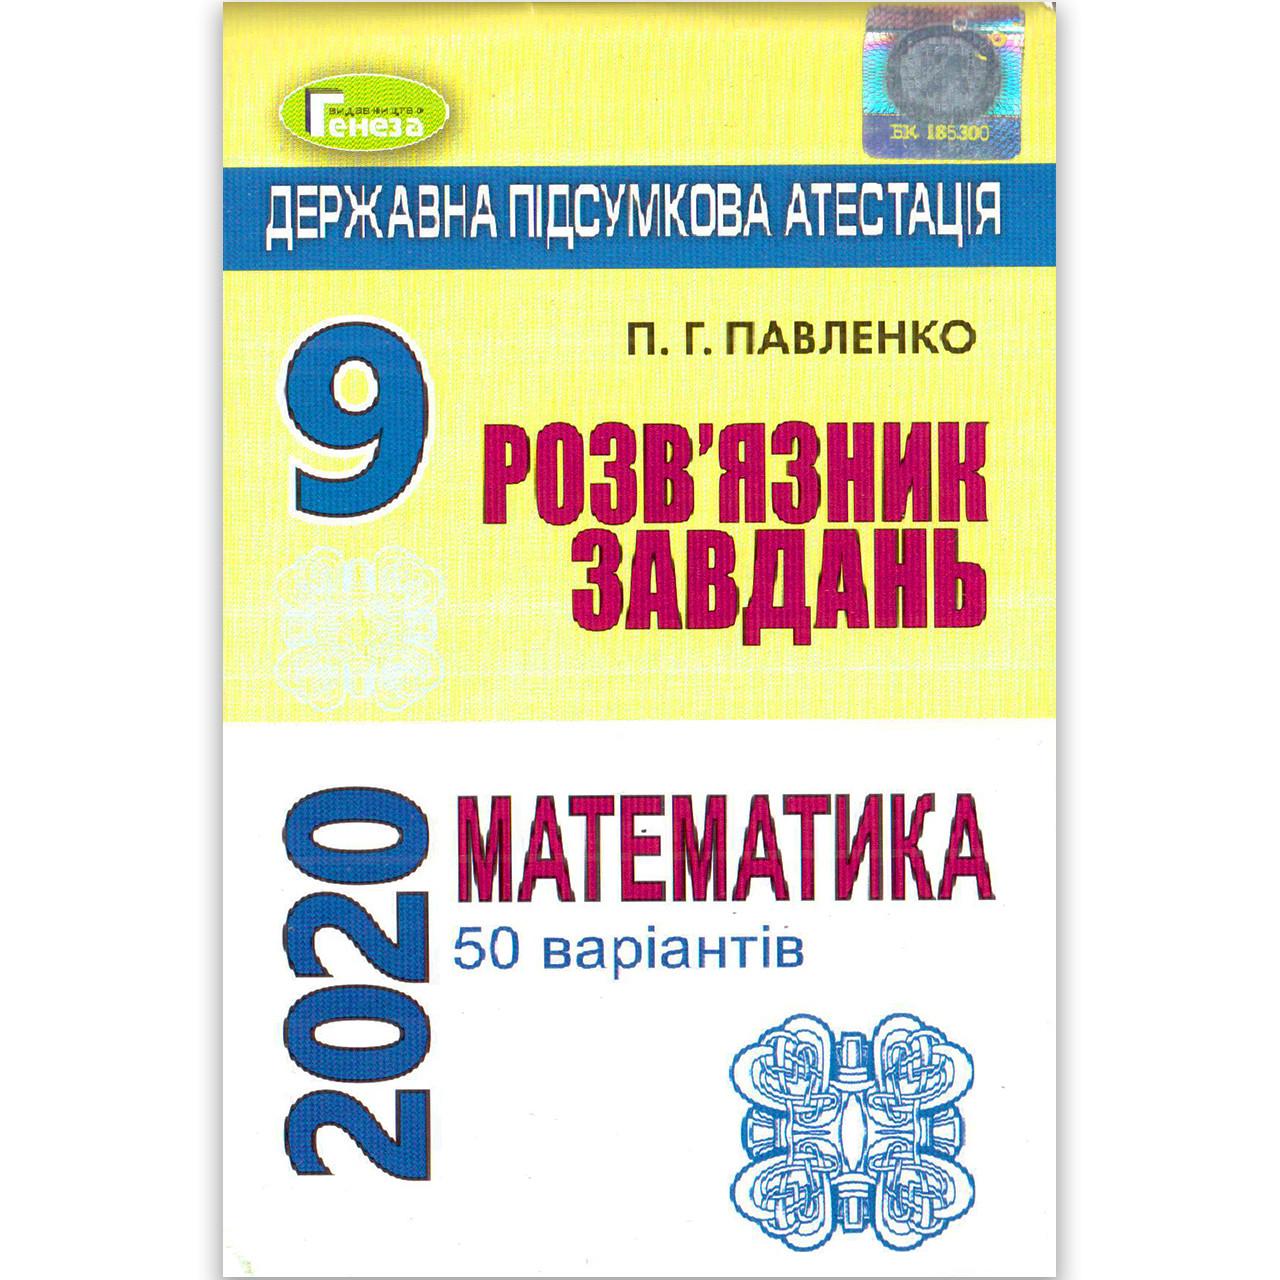 ДПА 9 клас 2020 Відповіді до збірника Істера О. Математика 50 варіантів Вид:Генеза